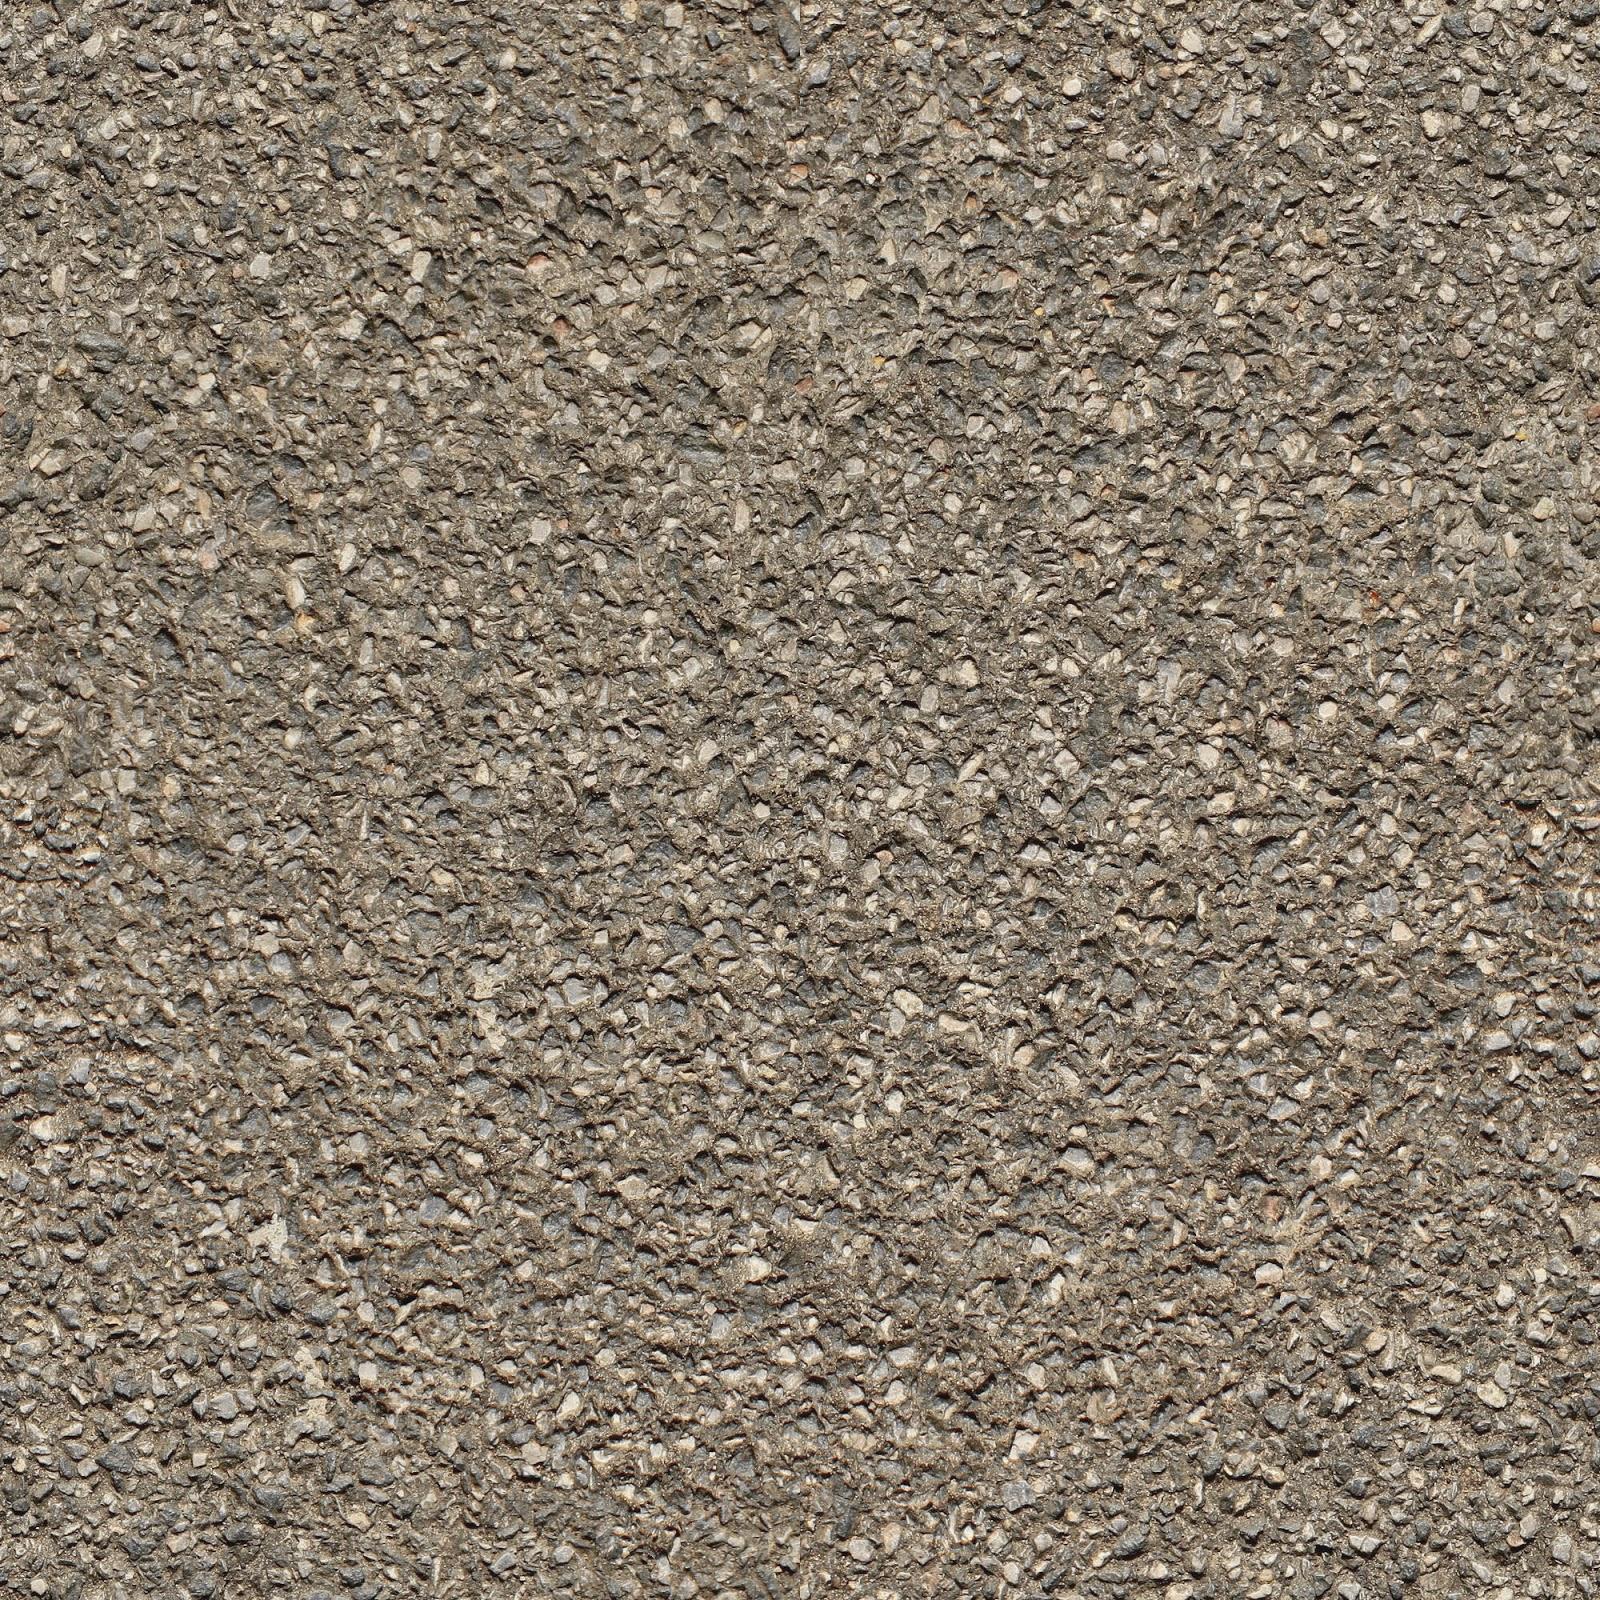 Concrete for Rough cement texture